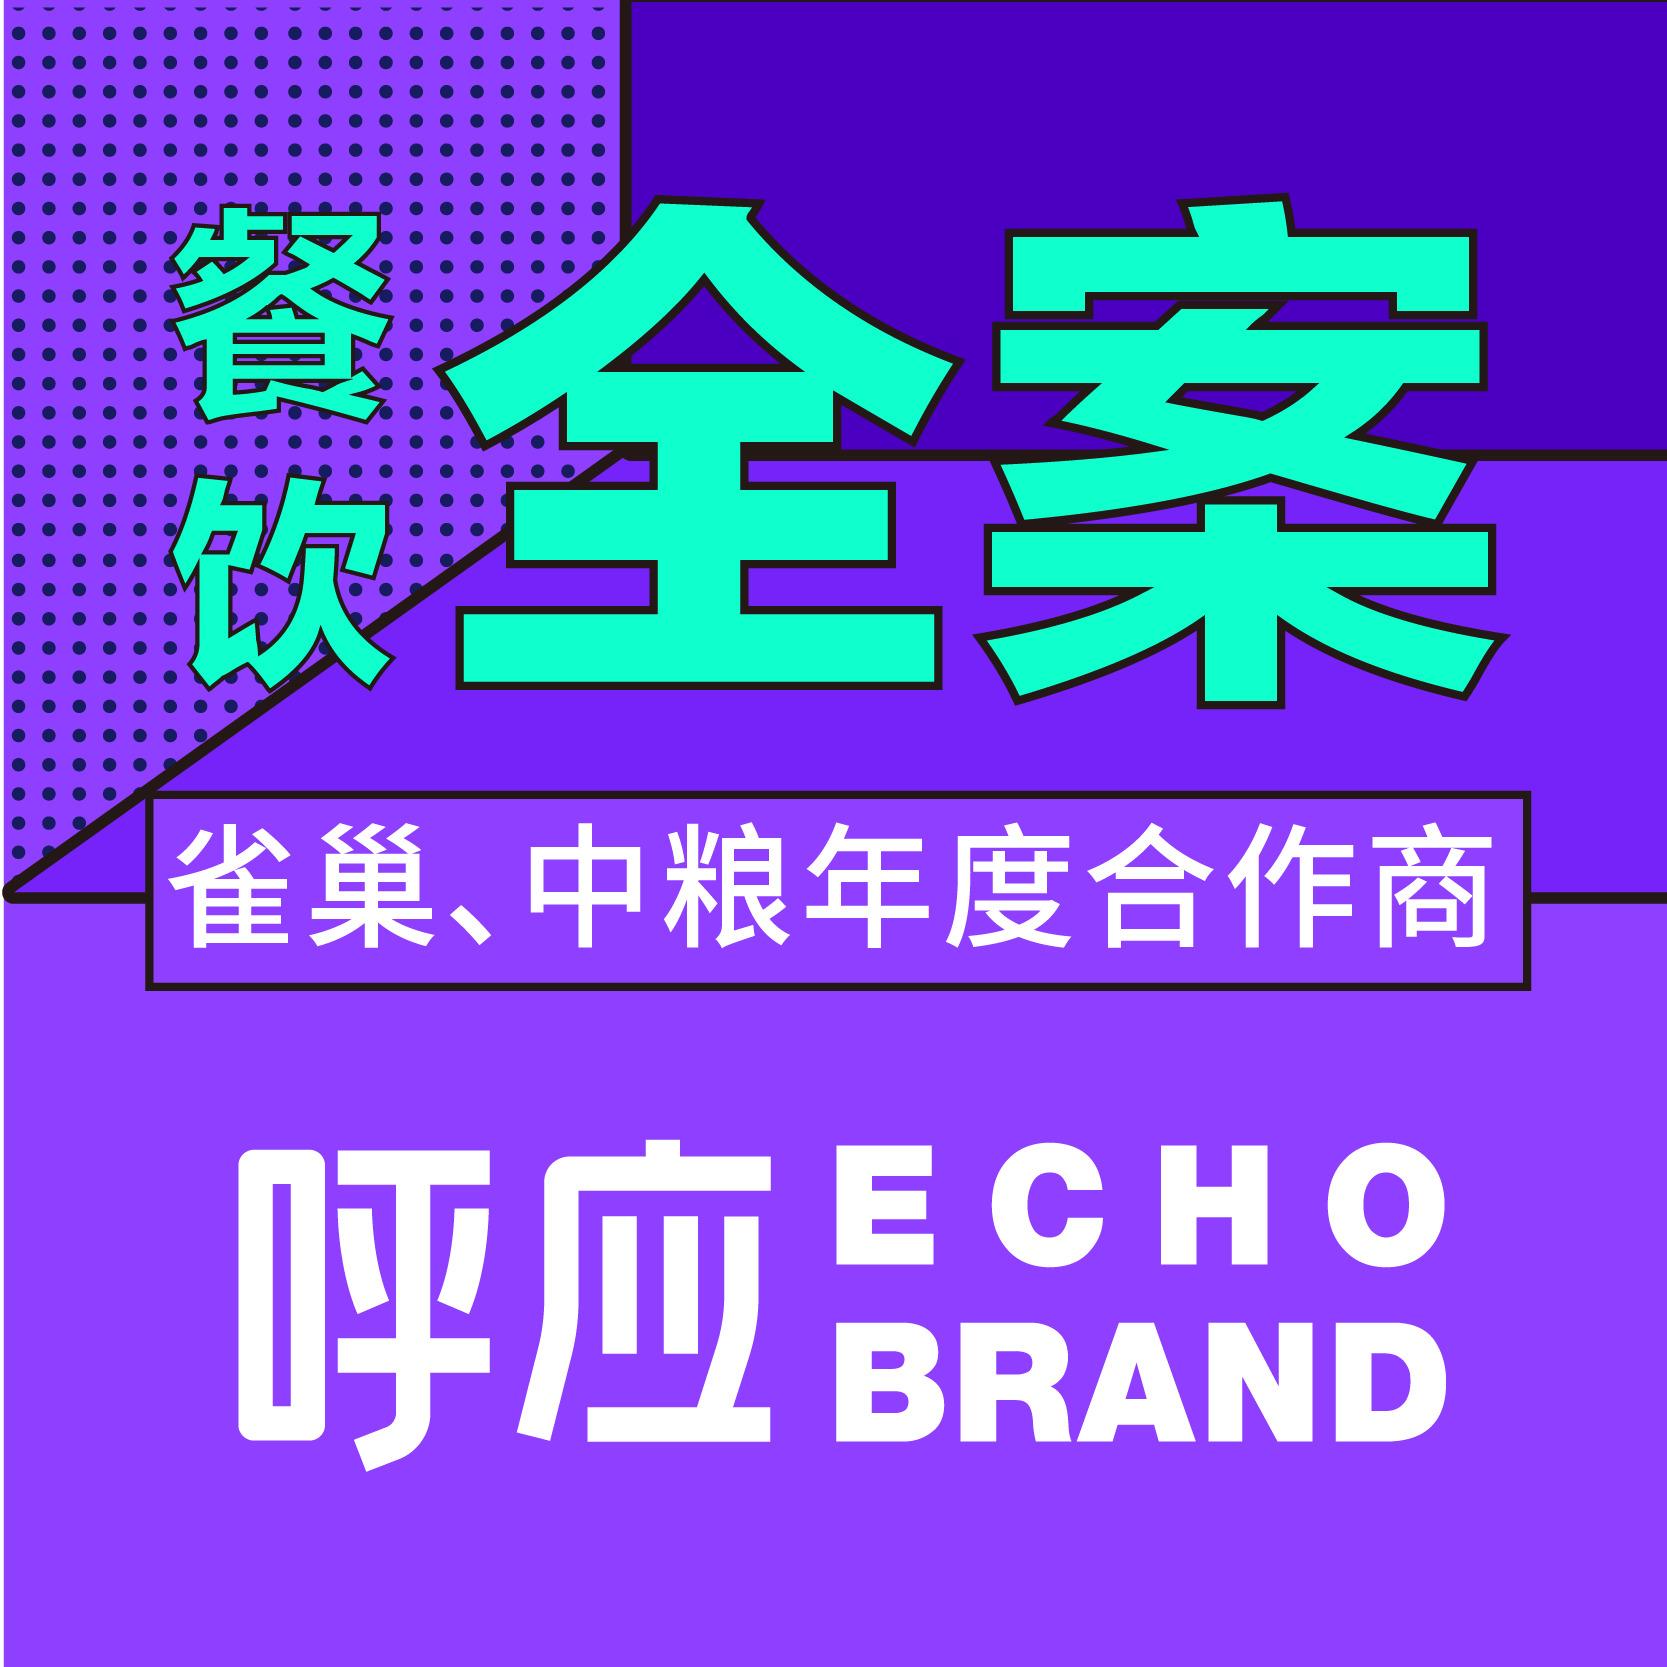 餐饮品牌全案茶饮奶茶品牌火锅小吃特色咖啡店网红餐饮酒吧餐吧